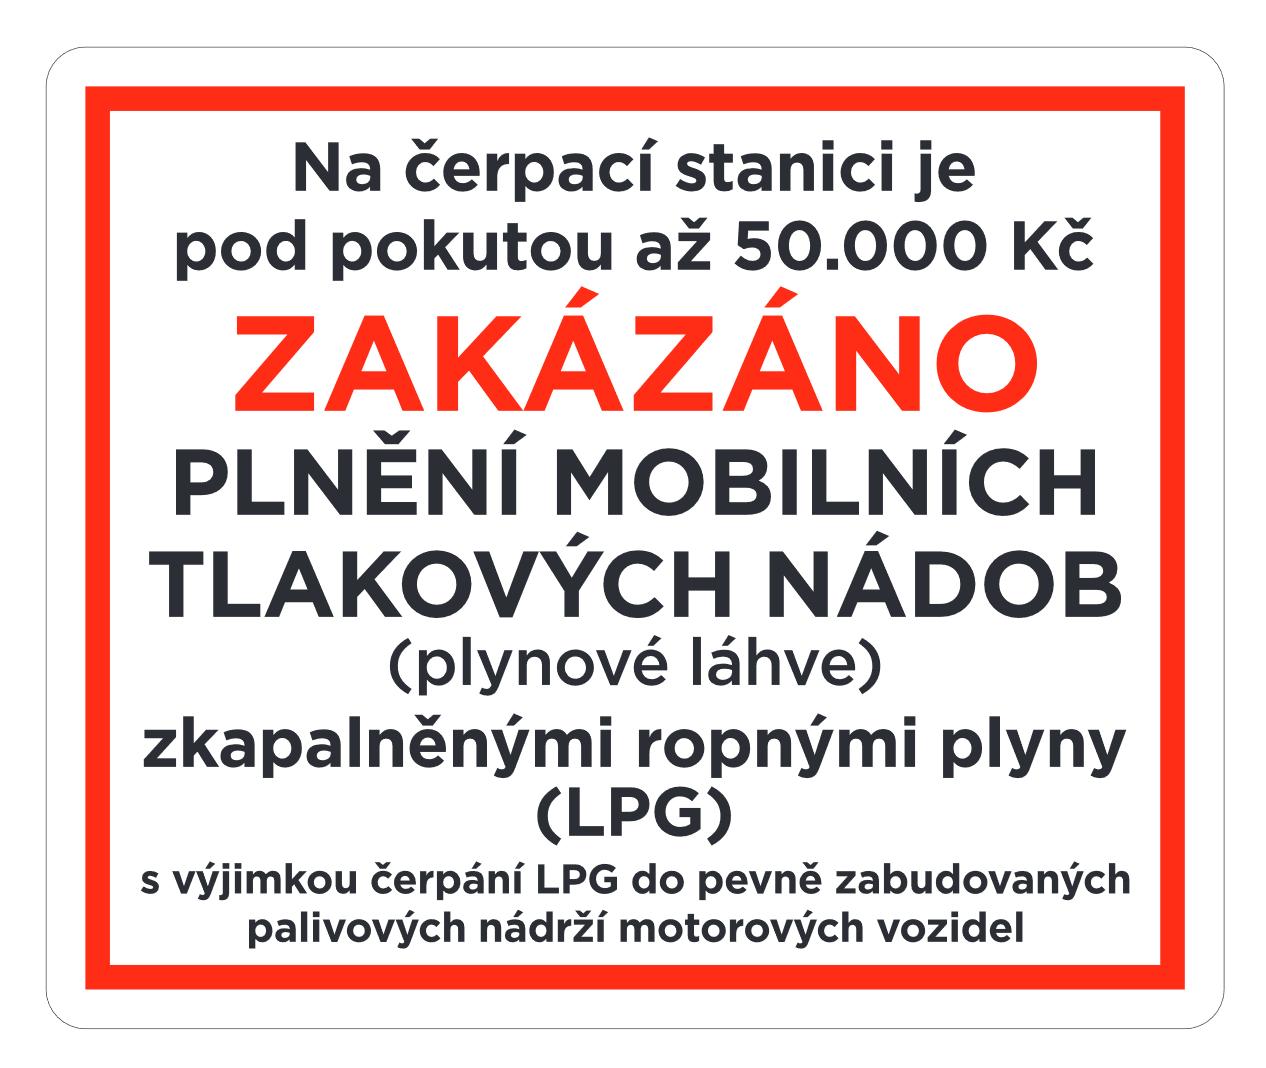 Plnění plynu do mobilních tlakových nádob je zakázáno